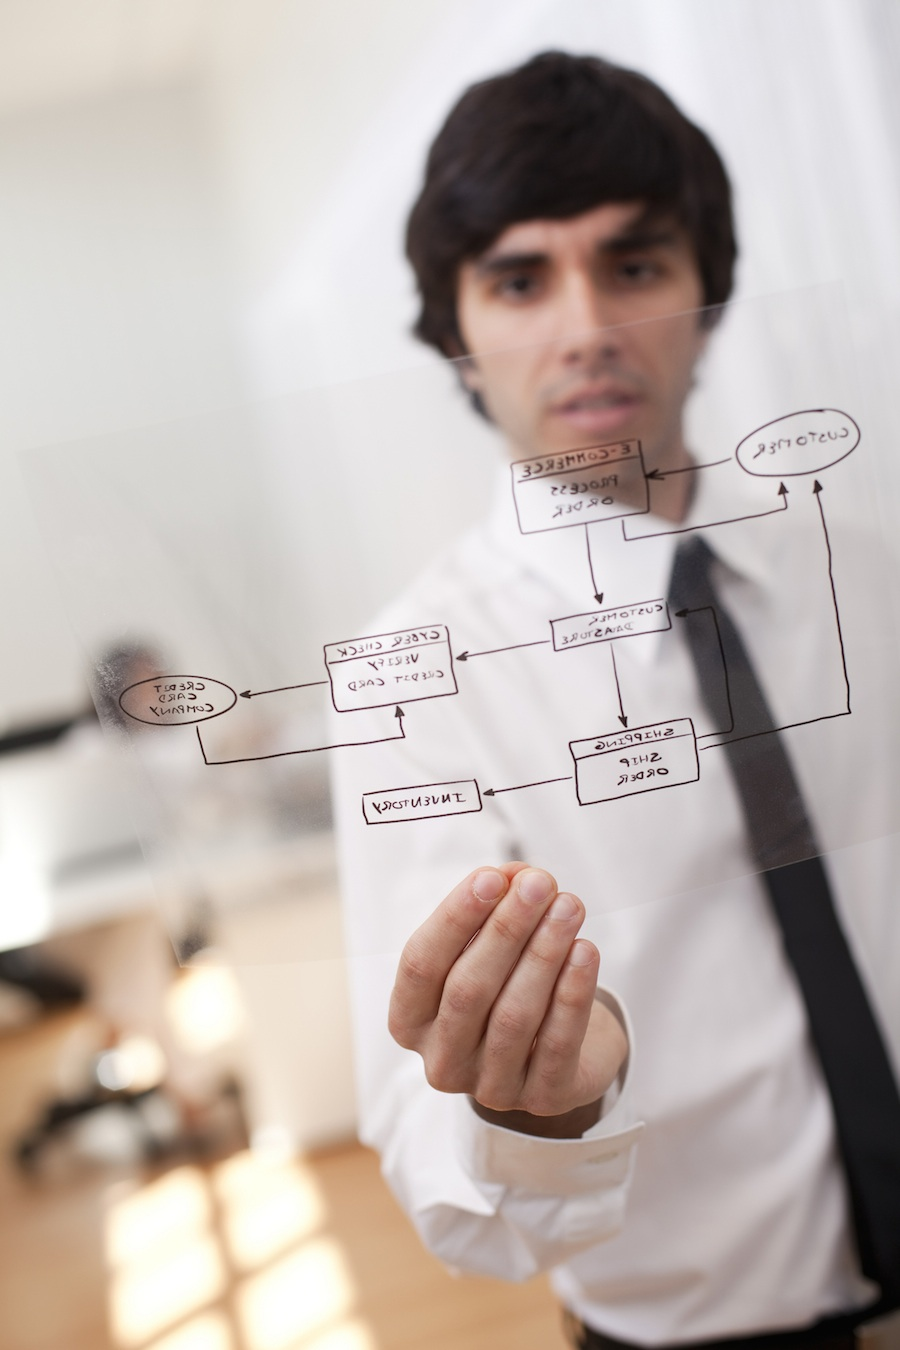 Exemplo de mapeamento de processos em empresas